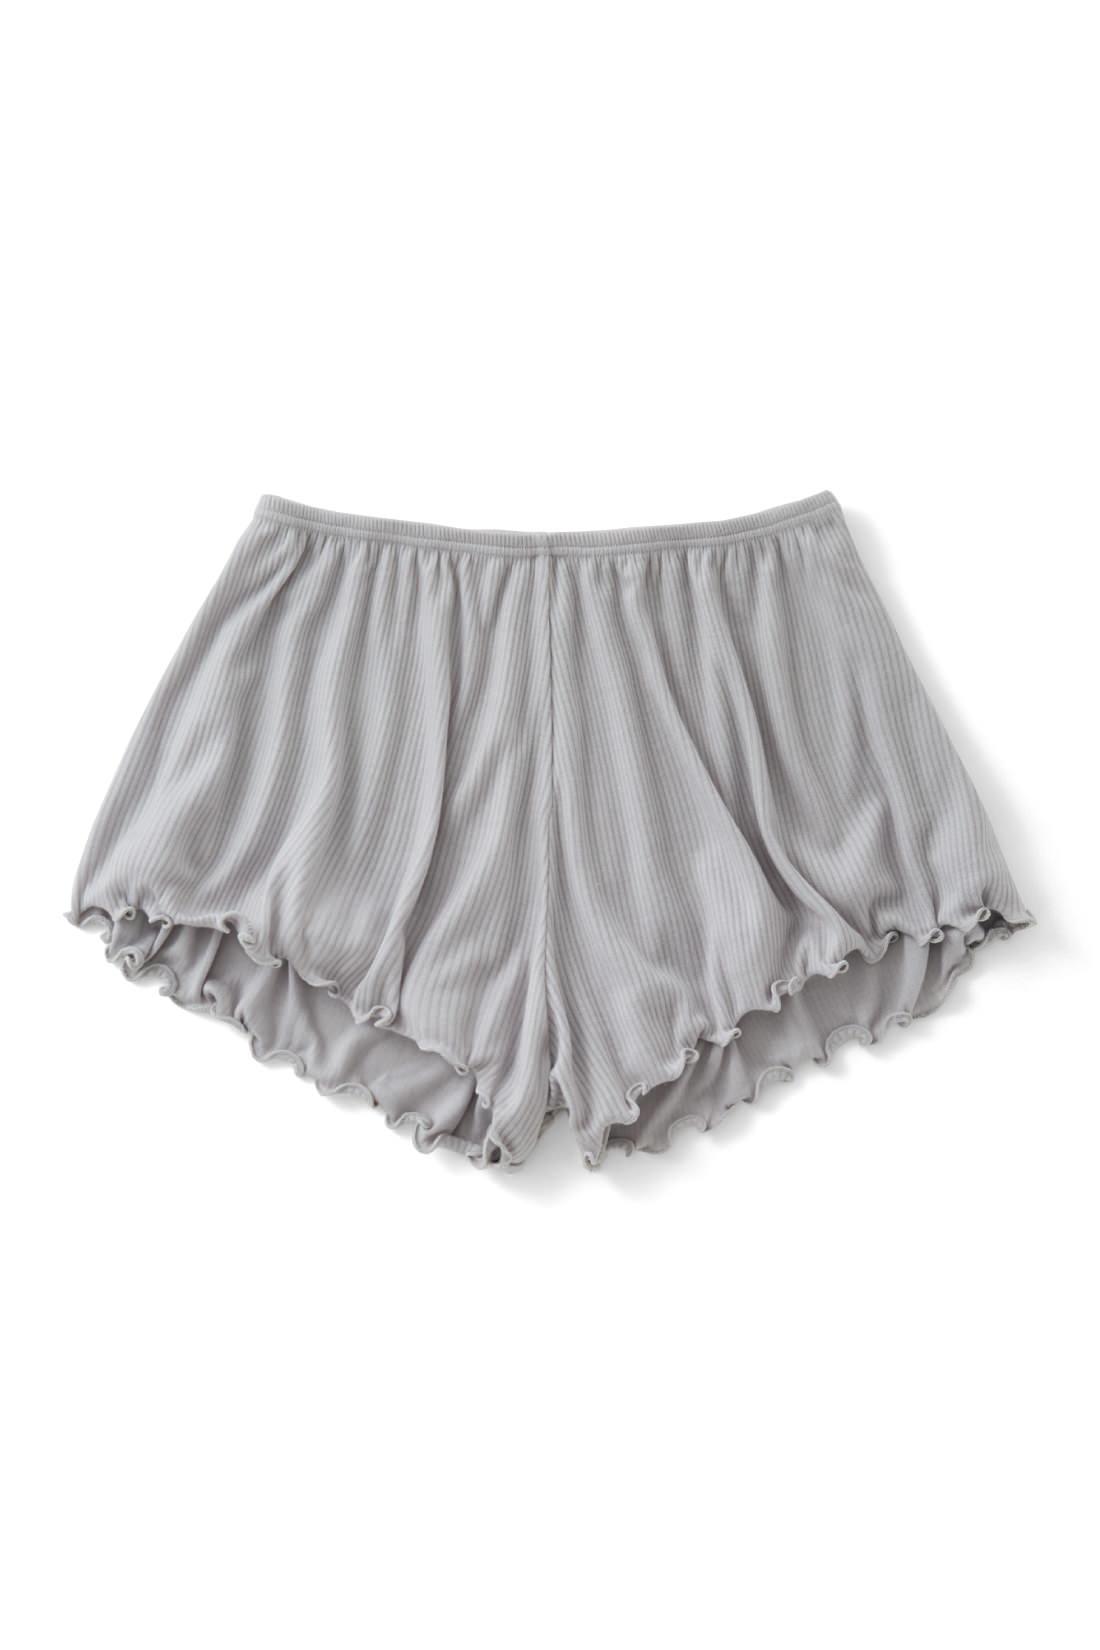 スカートのまとわりつきや下着の透けをガード。一枚でさらっと、お部屋着として活躍しても。